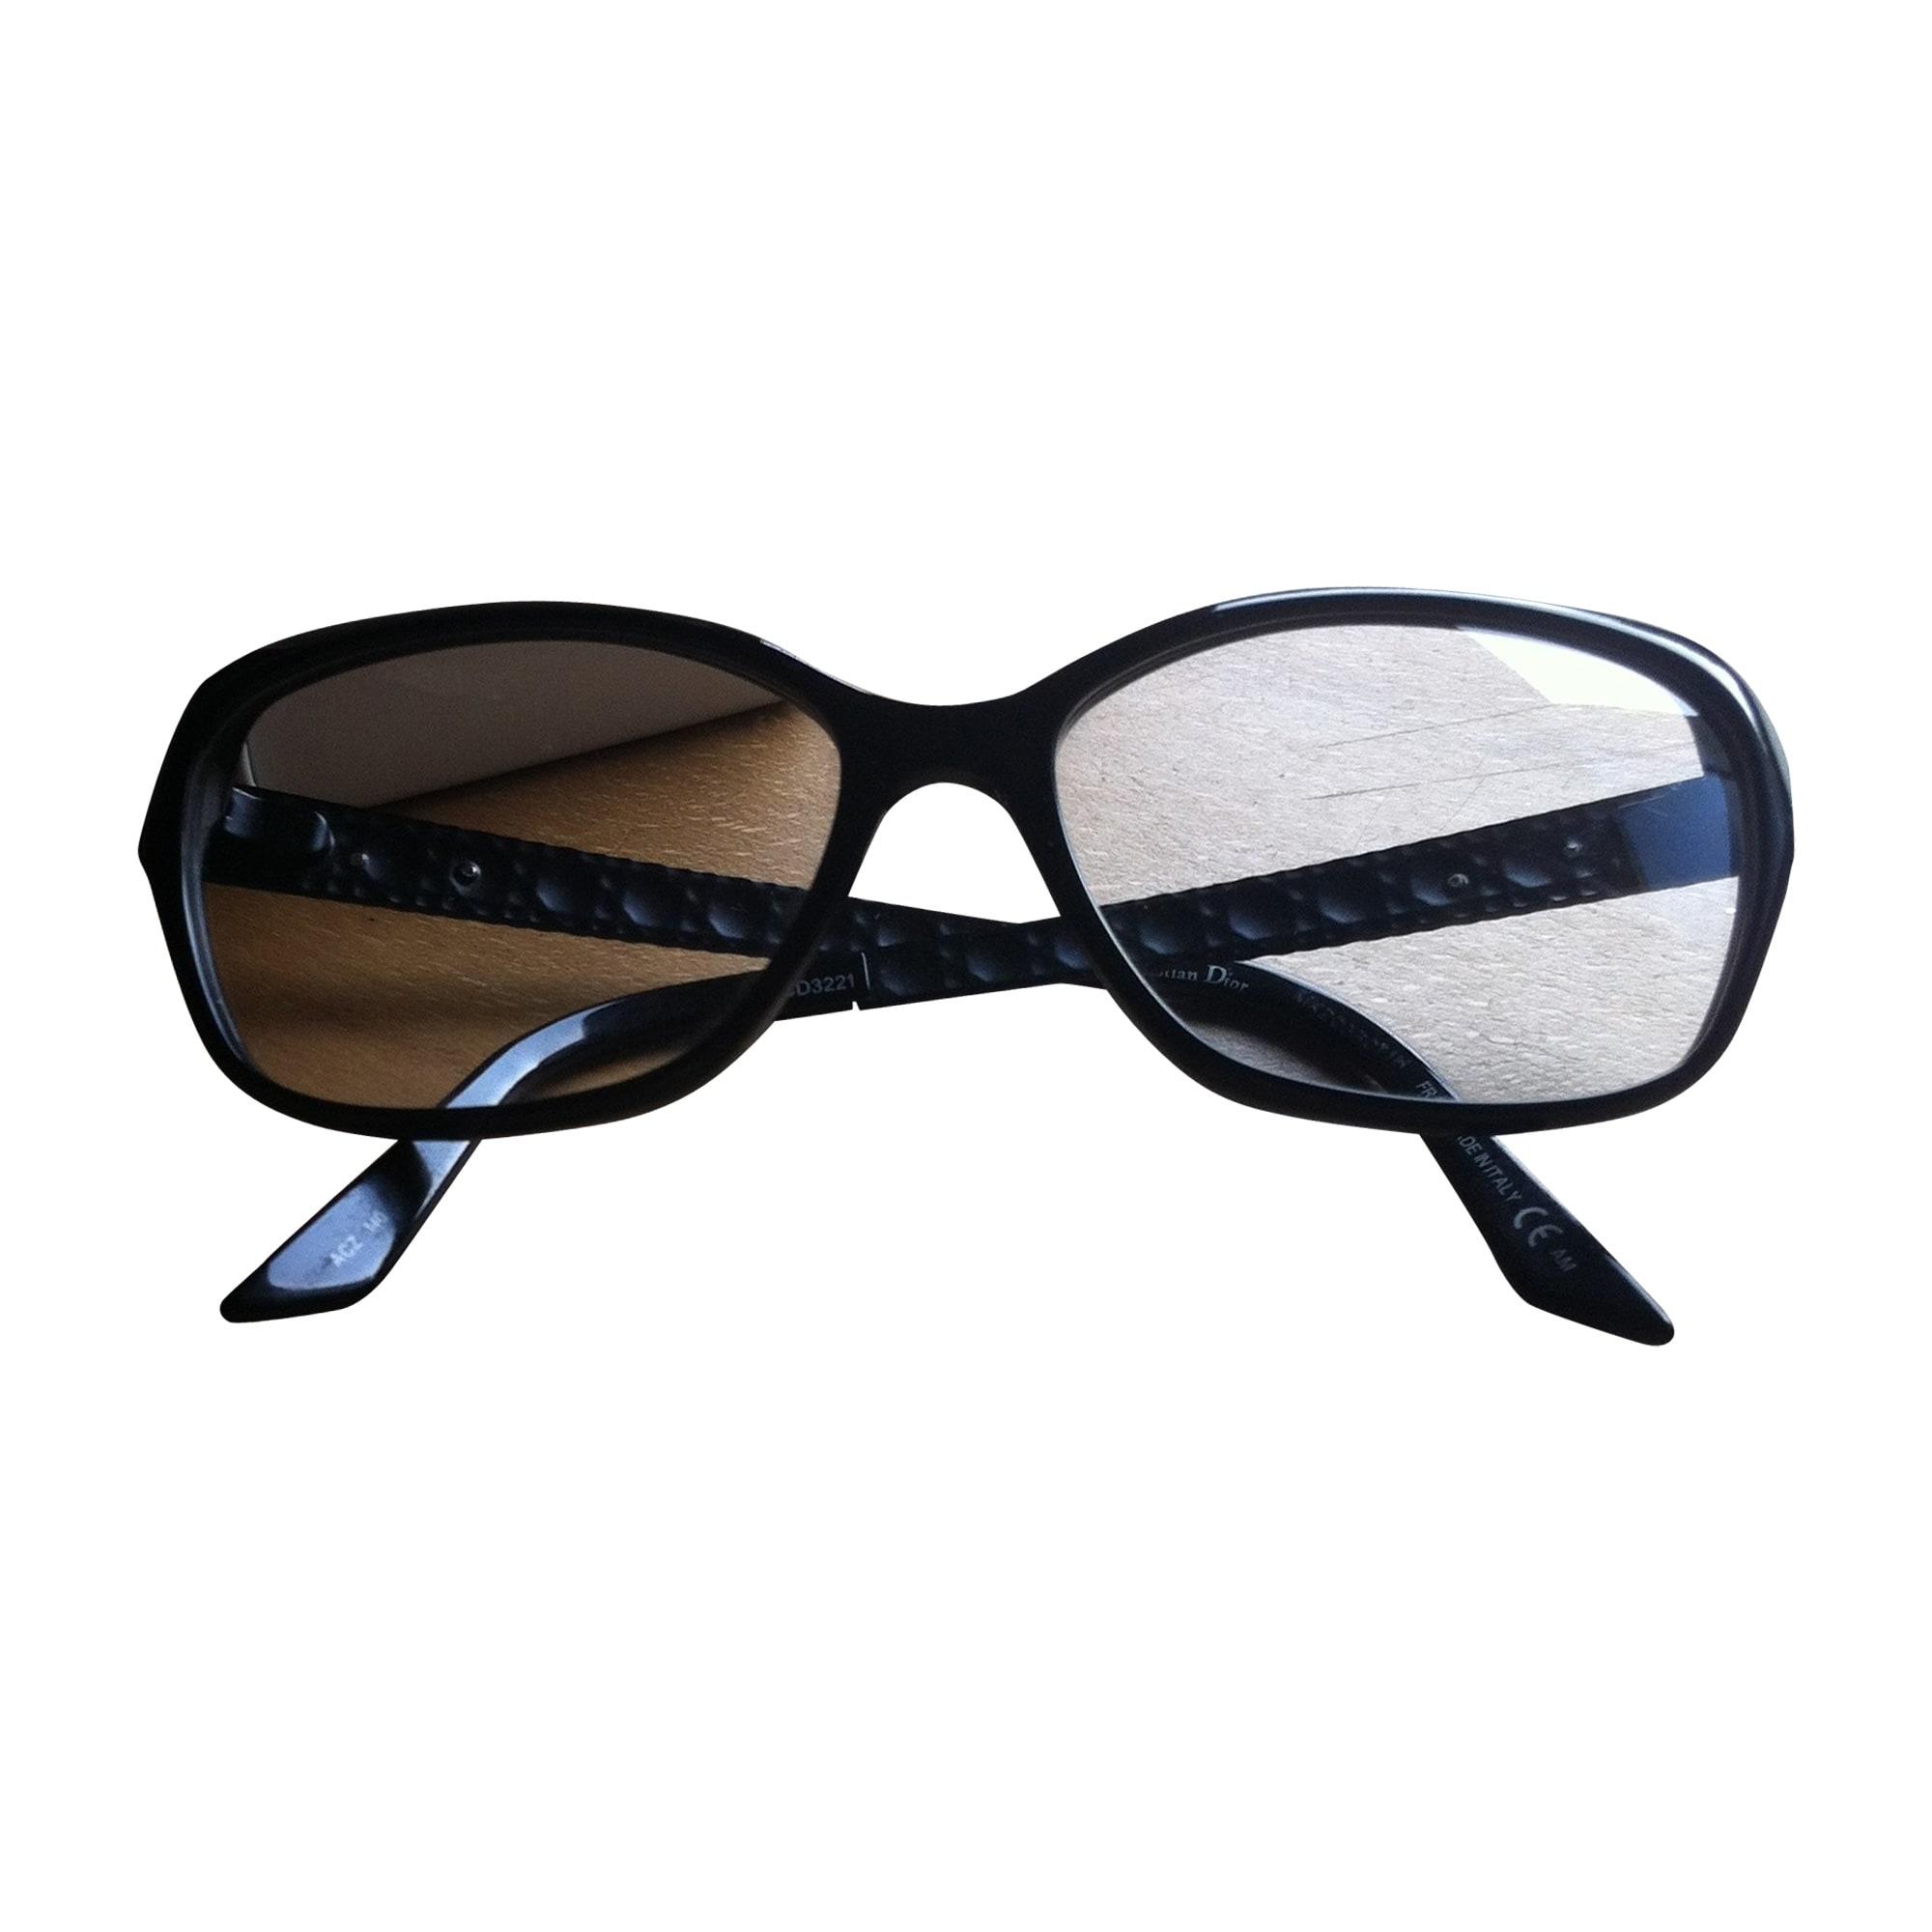 Monture de lunettes DIOR noir vendu par Mathilde19 - 7956619 91ebd516f516